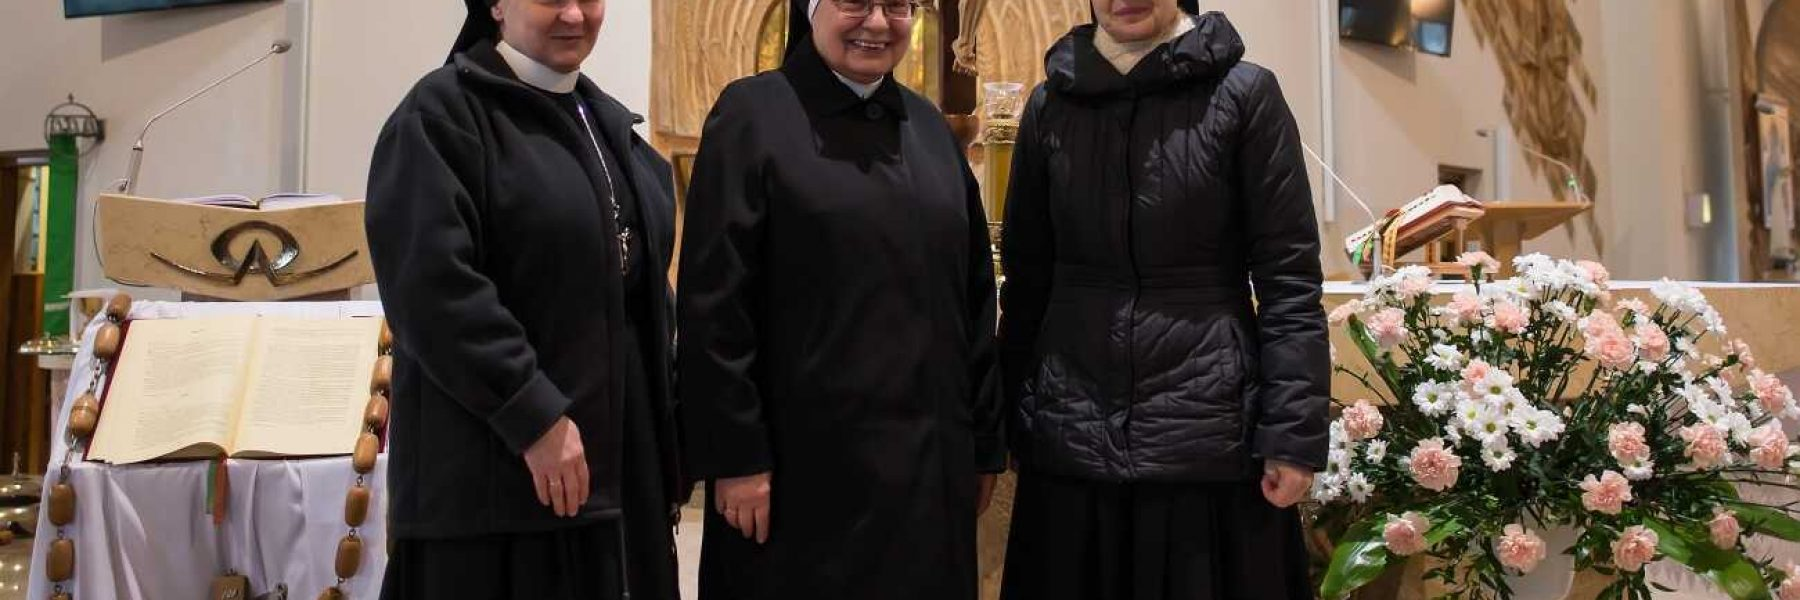 40-lat-poslugi-siostr-w-swidniku-9_optimized